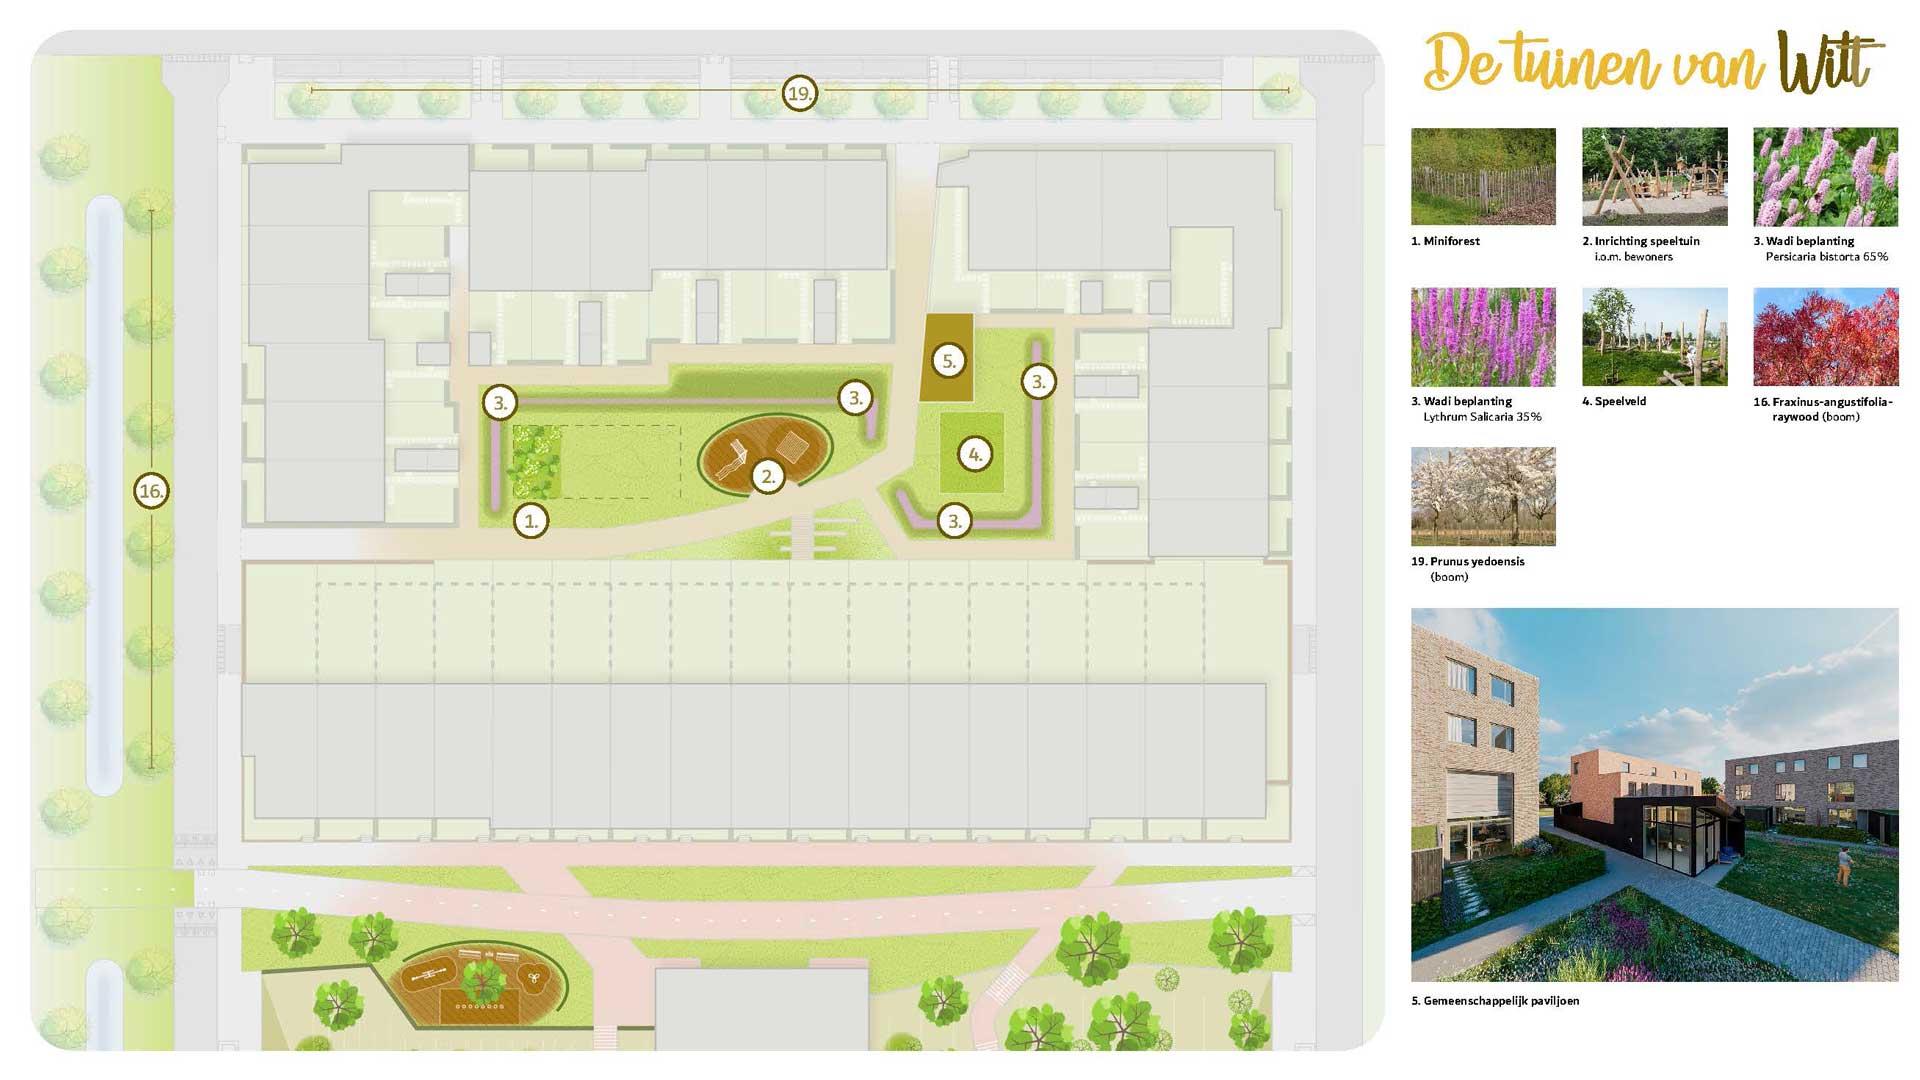 WITT-Nieuwbouw-Woerden-Binnentuin-bij-woningen